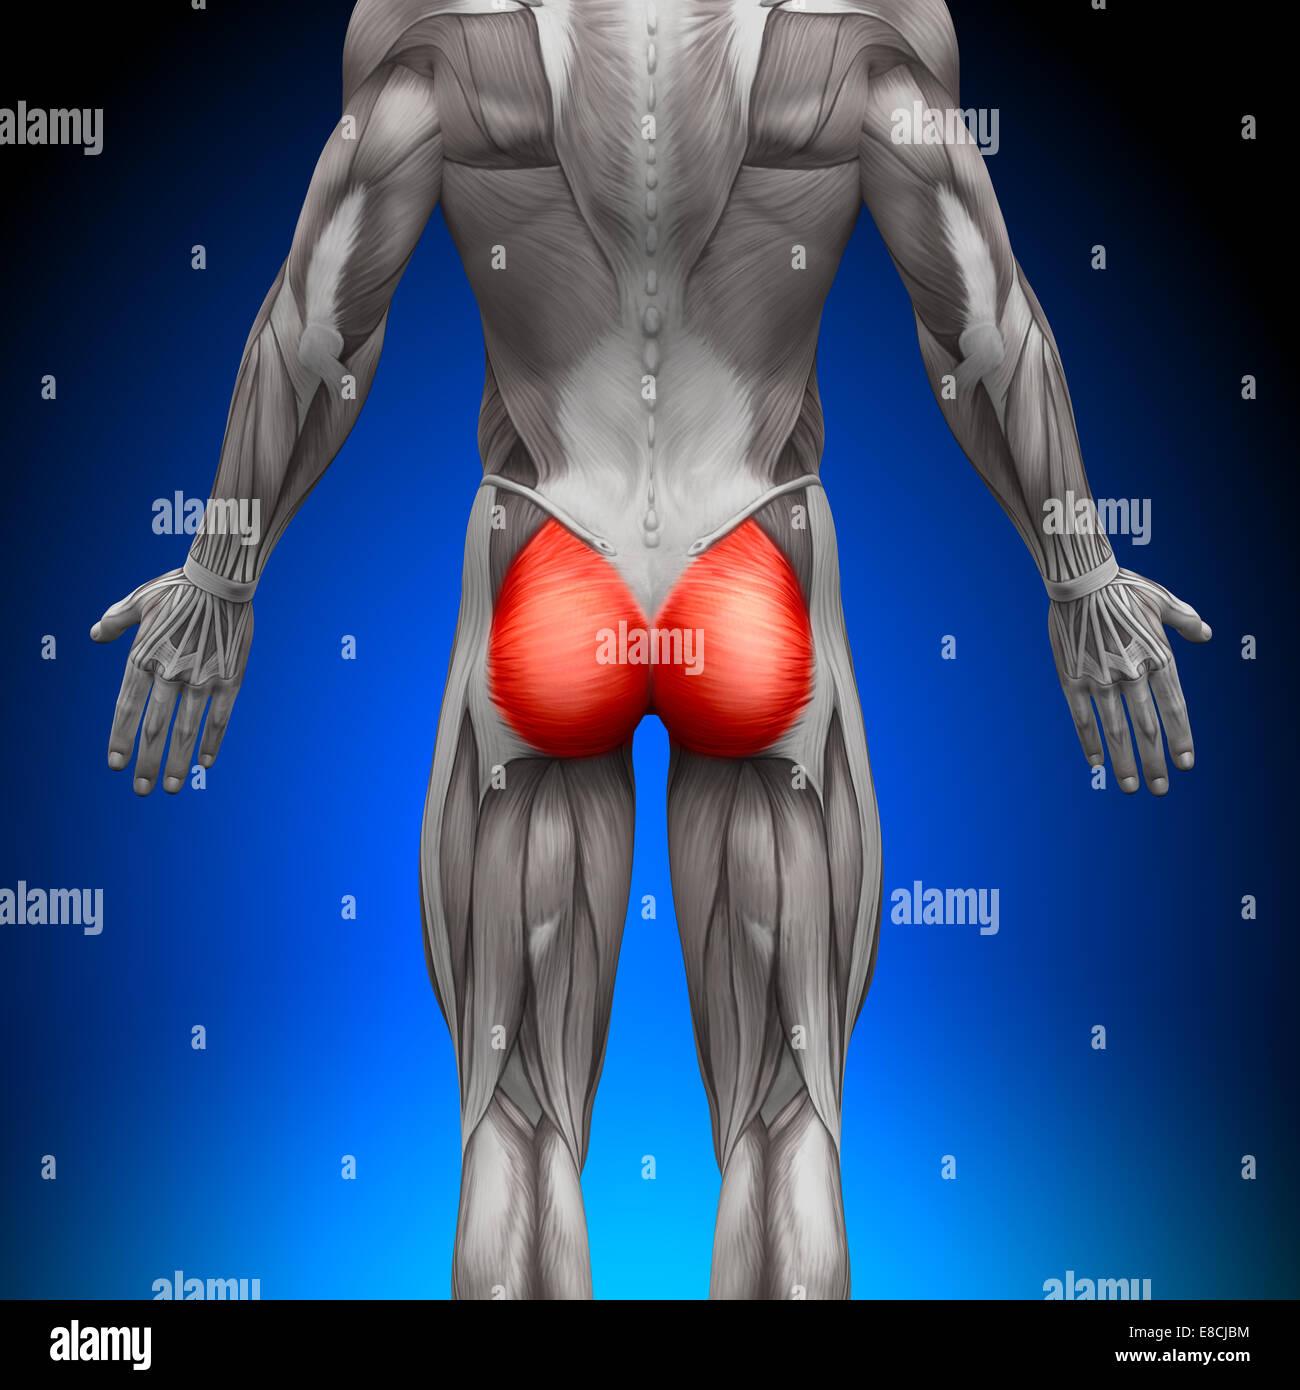 Gesäß / Gluteus Maximus - Anatomie Muskeln Stockfoto, Bild: 74036584 ...